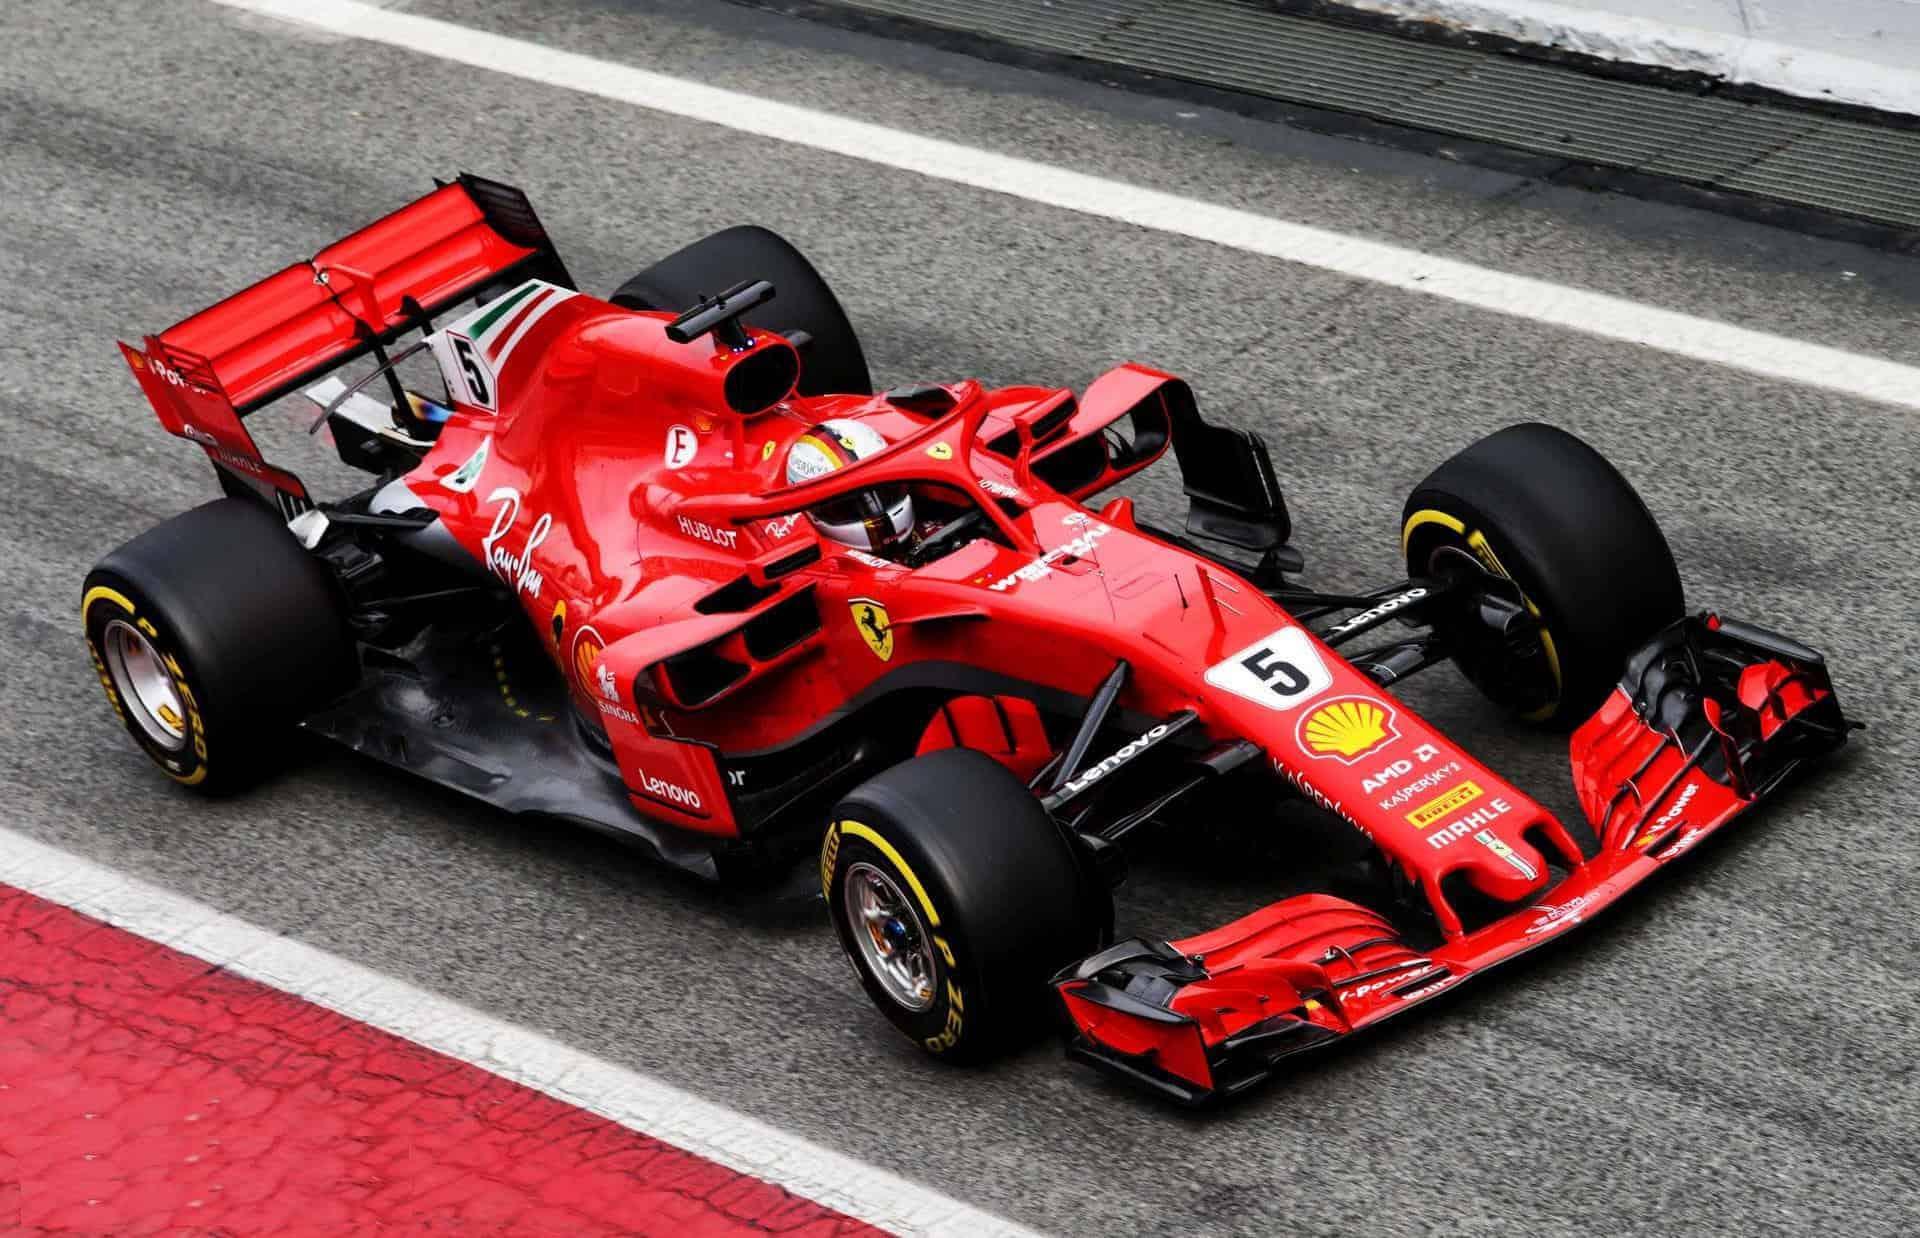 F1 2017 Car Wallpaper Ferrari F1 2018 Best New Cars For 2018